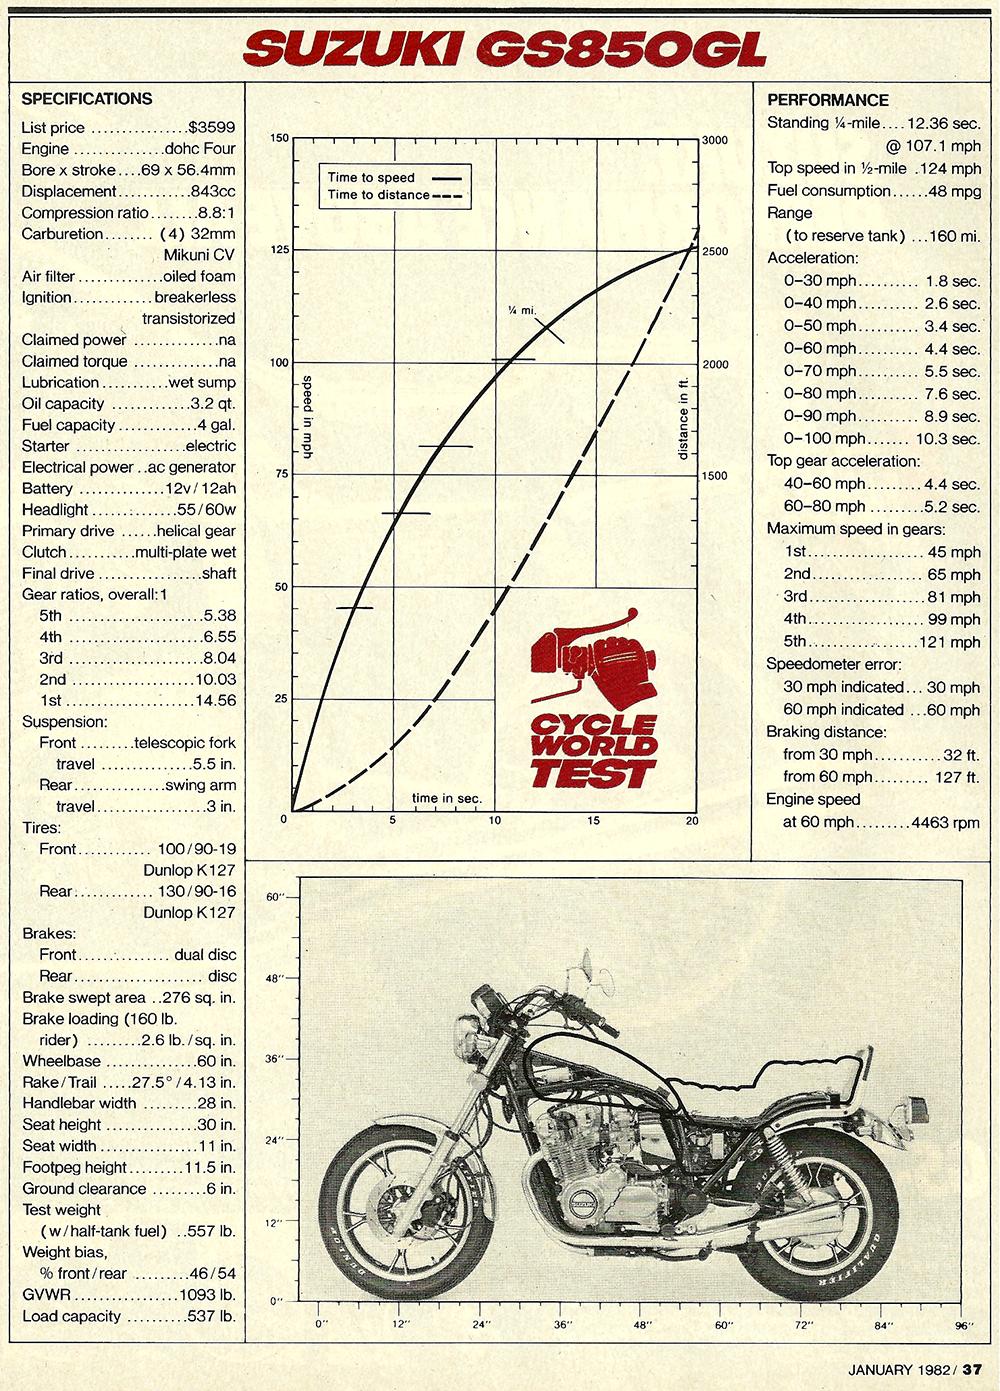 1982 Suzuki GS850GL road test 06.jpg